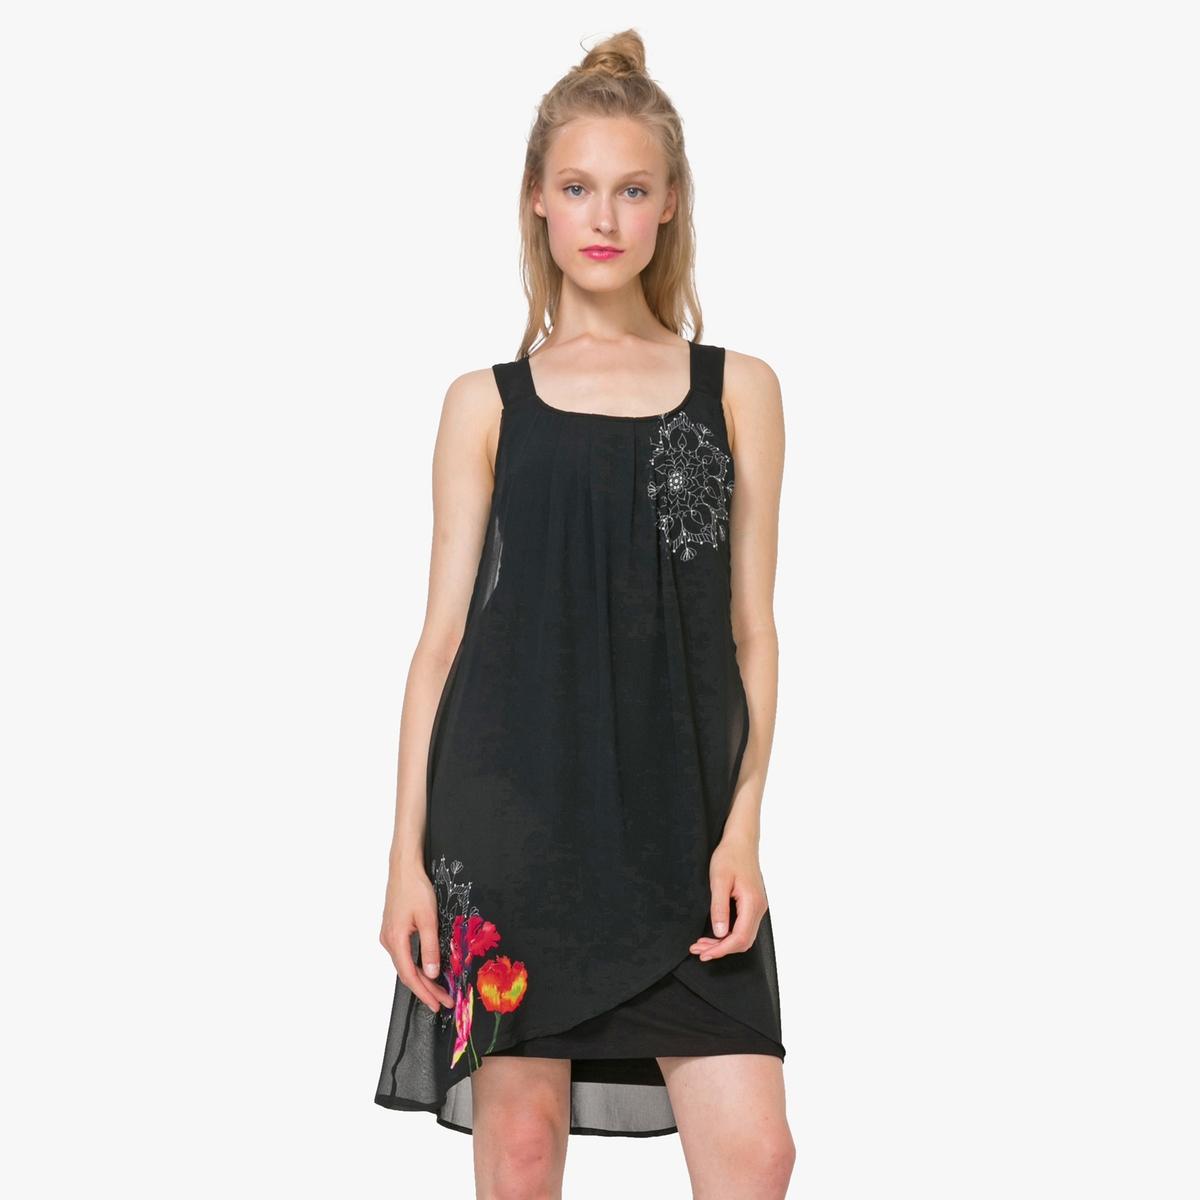 Платье с бретелями с цветочным рисункомМатериал : 100% полиэстер  Длина рукава : тонкие бретели  Форма воротника : без воротника Покрой платья : платье прямого покроя  Рисунок : рисунок спереди   Длина платья : короткое<br><br>Цвет: черный<br>Размер: 42 (FR) - 48 (RUS)